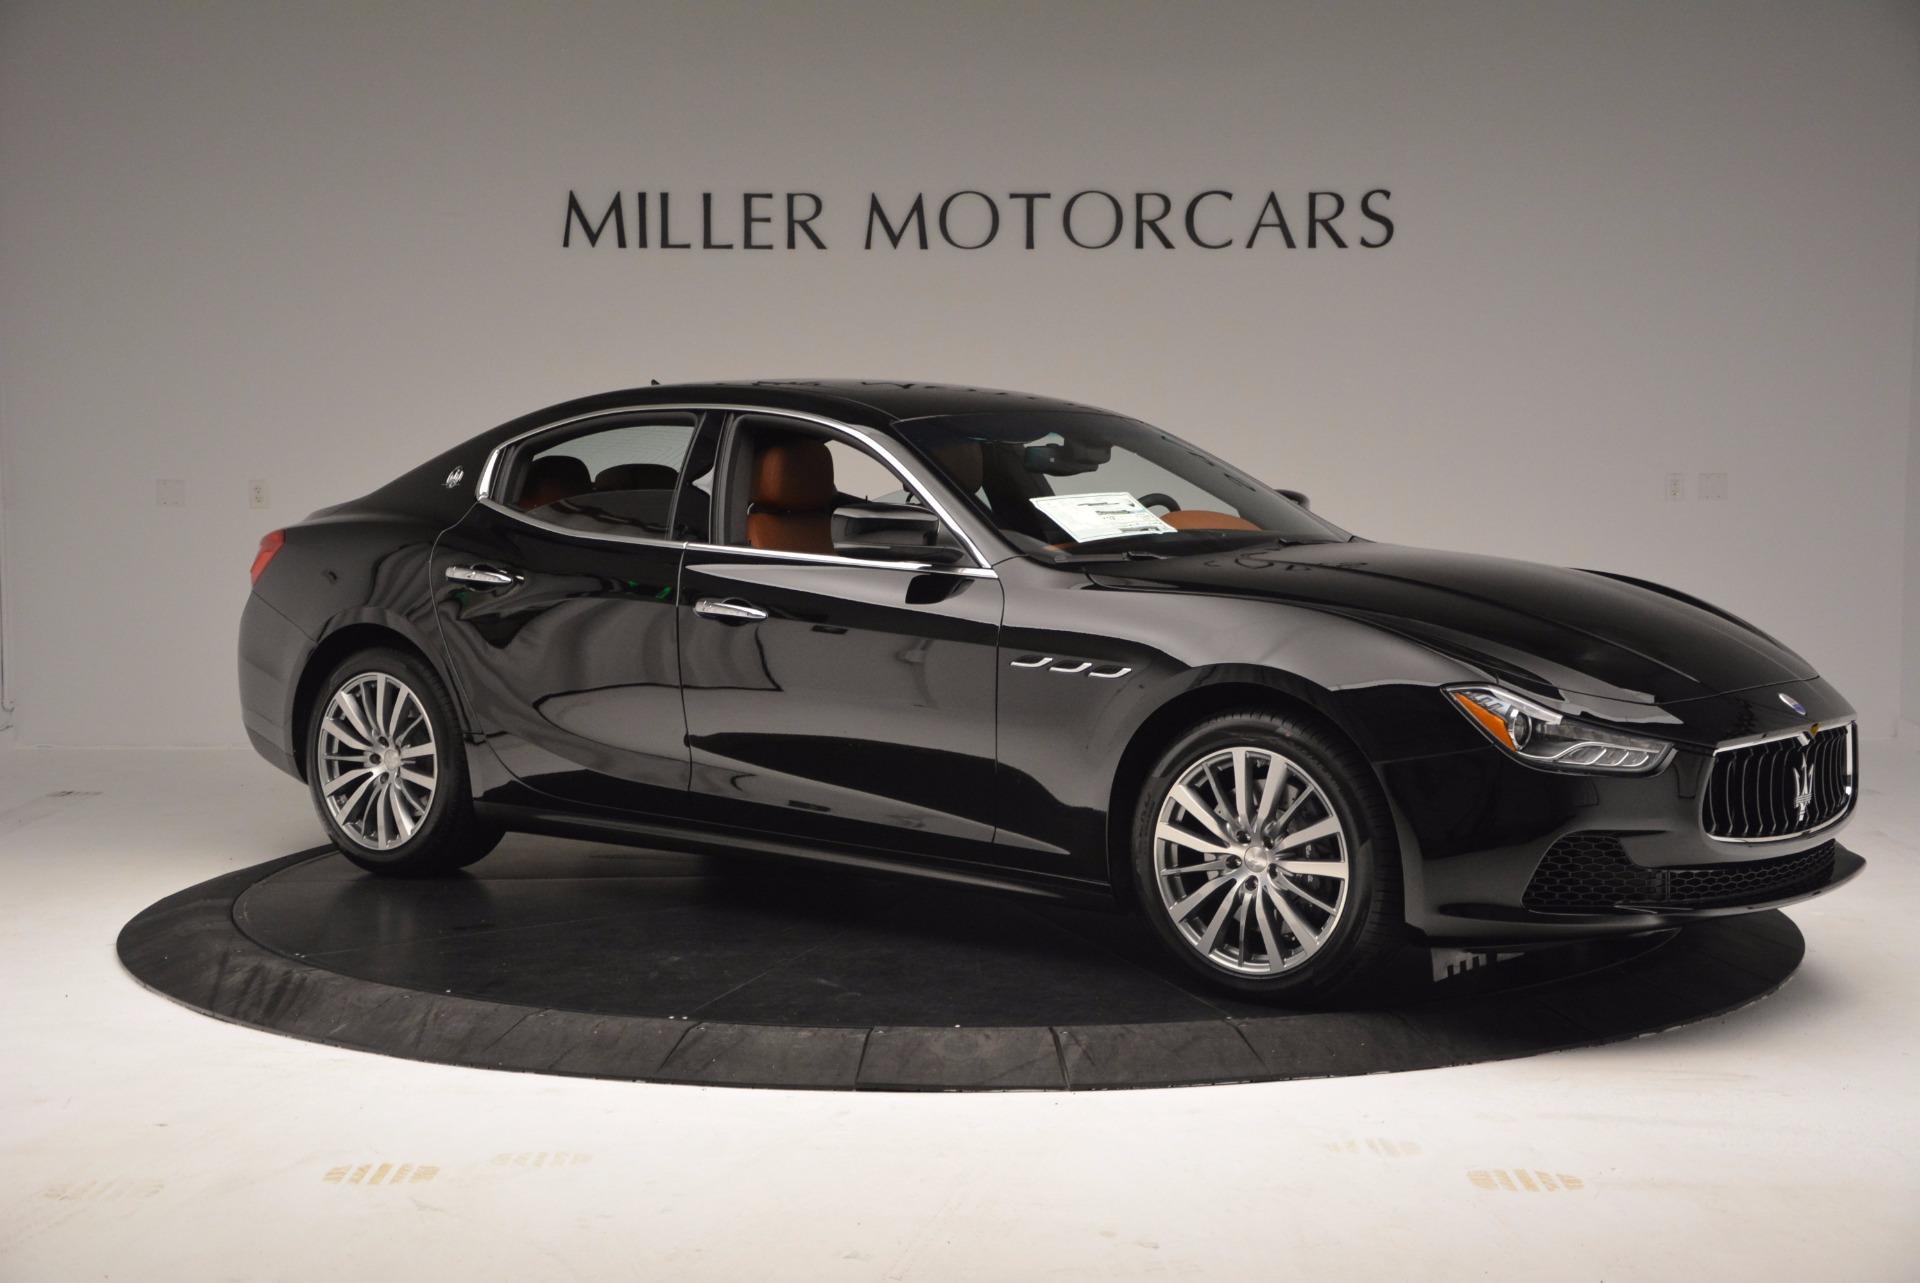 New 2017 Maserati Ghibli SQ4 For Sale In Greenwich, CT 1043_p10